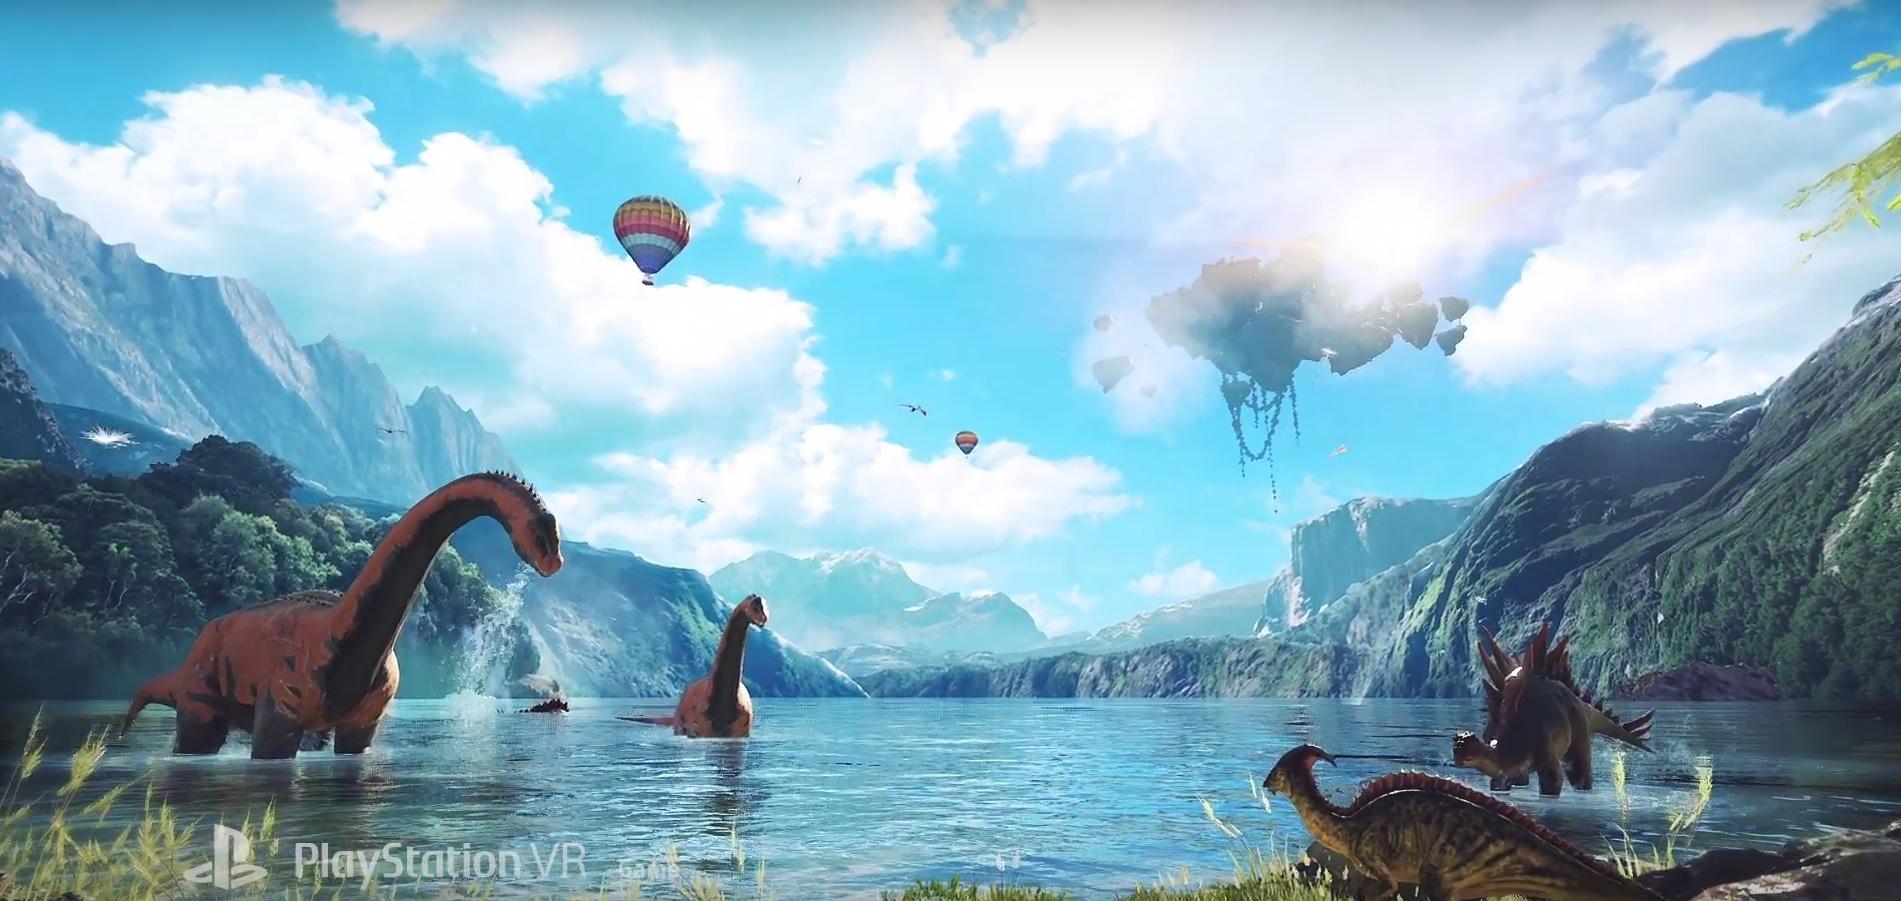 ARK Park: Gameplay-Video – Erste Eindrücke vom virtuellen Jurassic Park